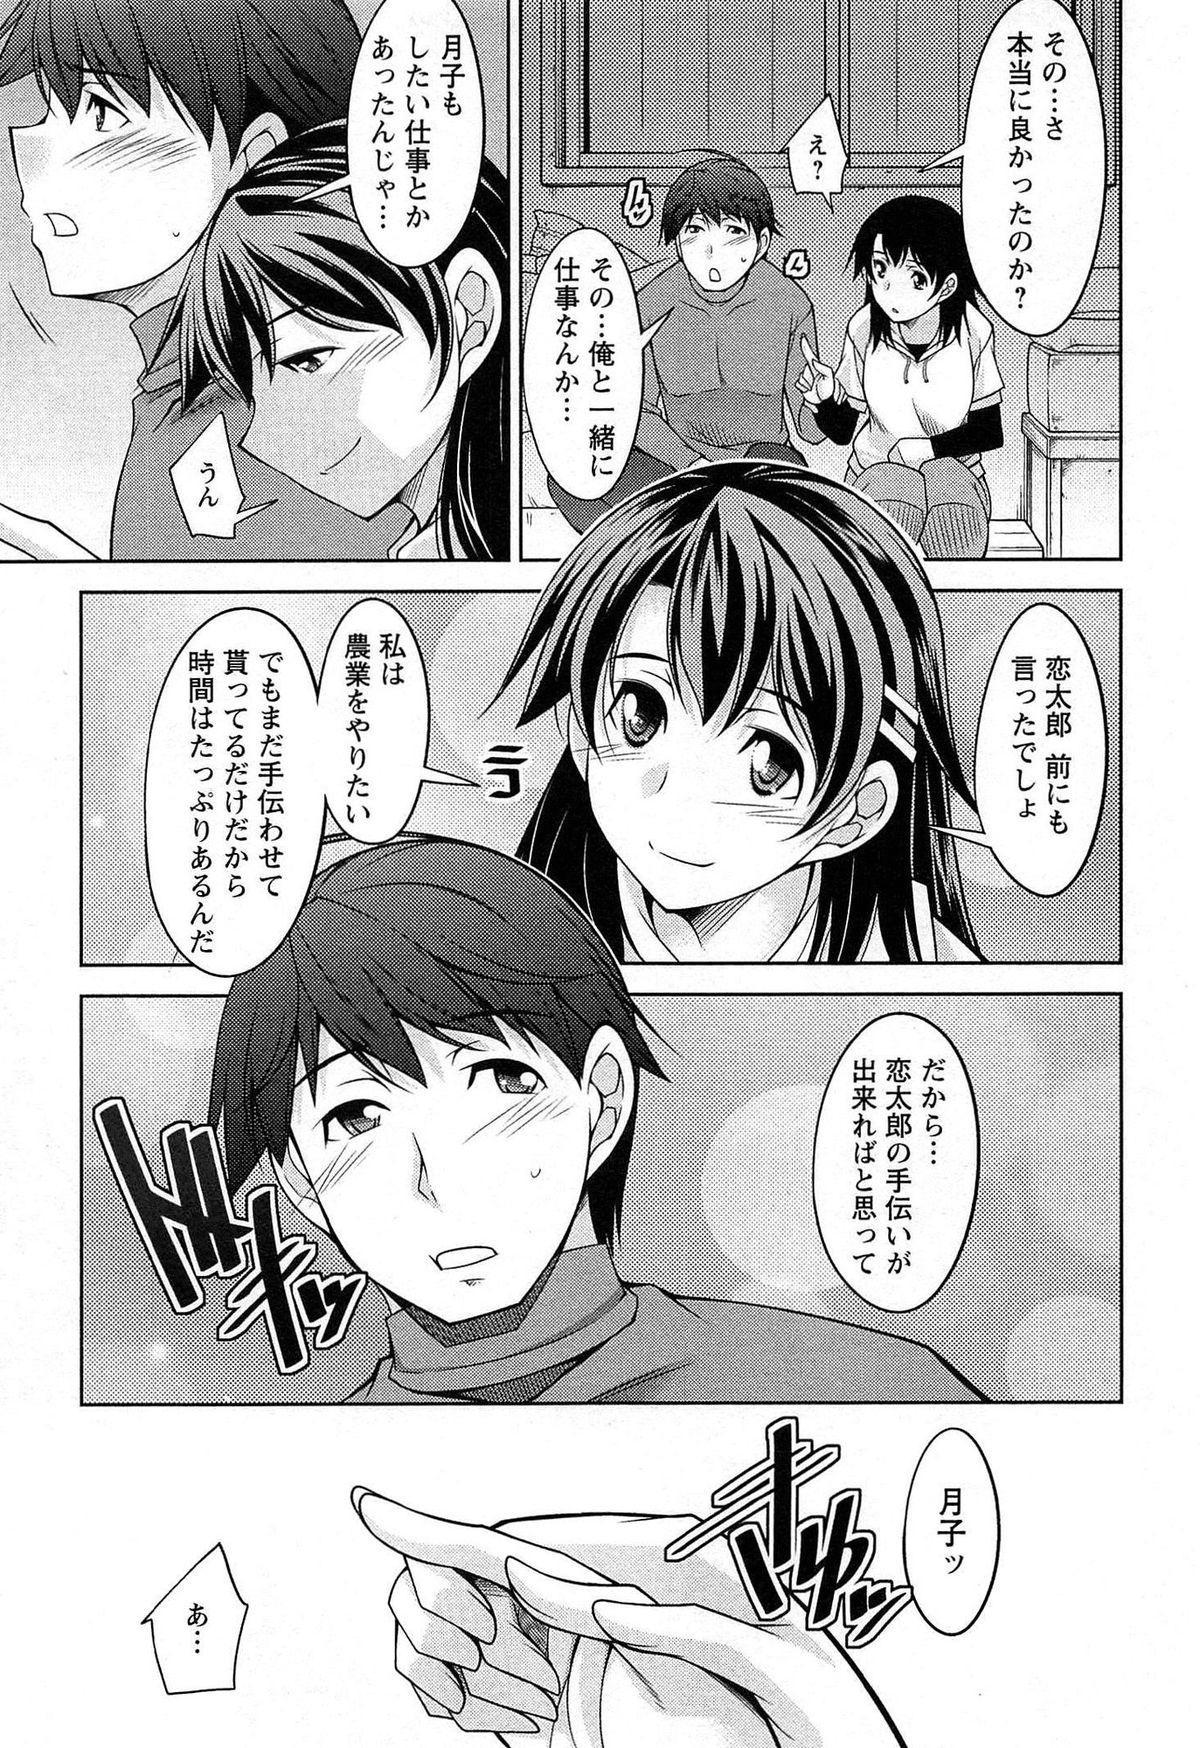 [zen9] Tsuki-wo Ai-Shite - Tsuki-ni Koi-shite 2 13